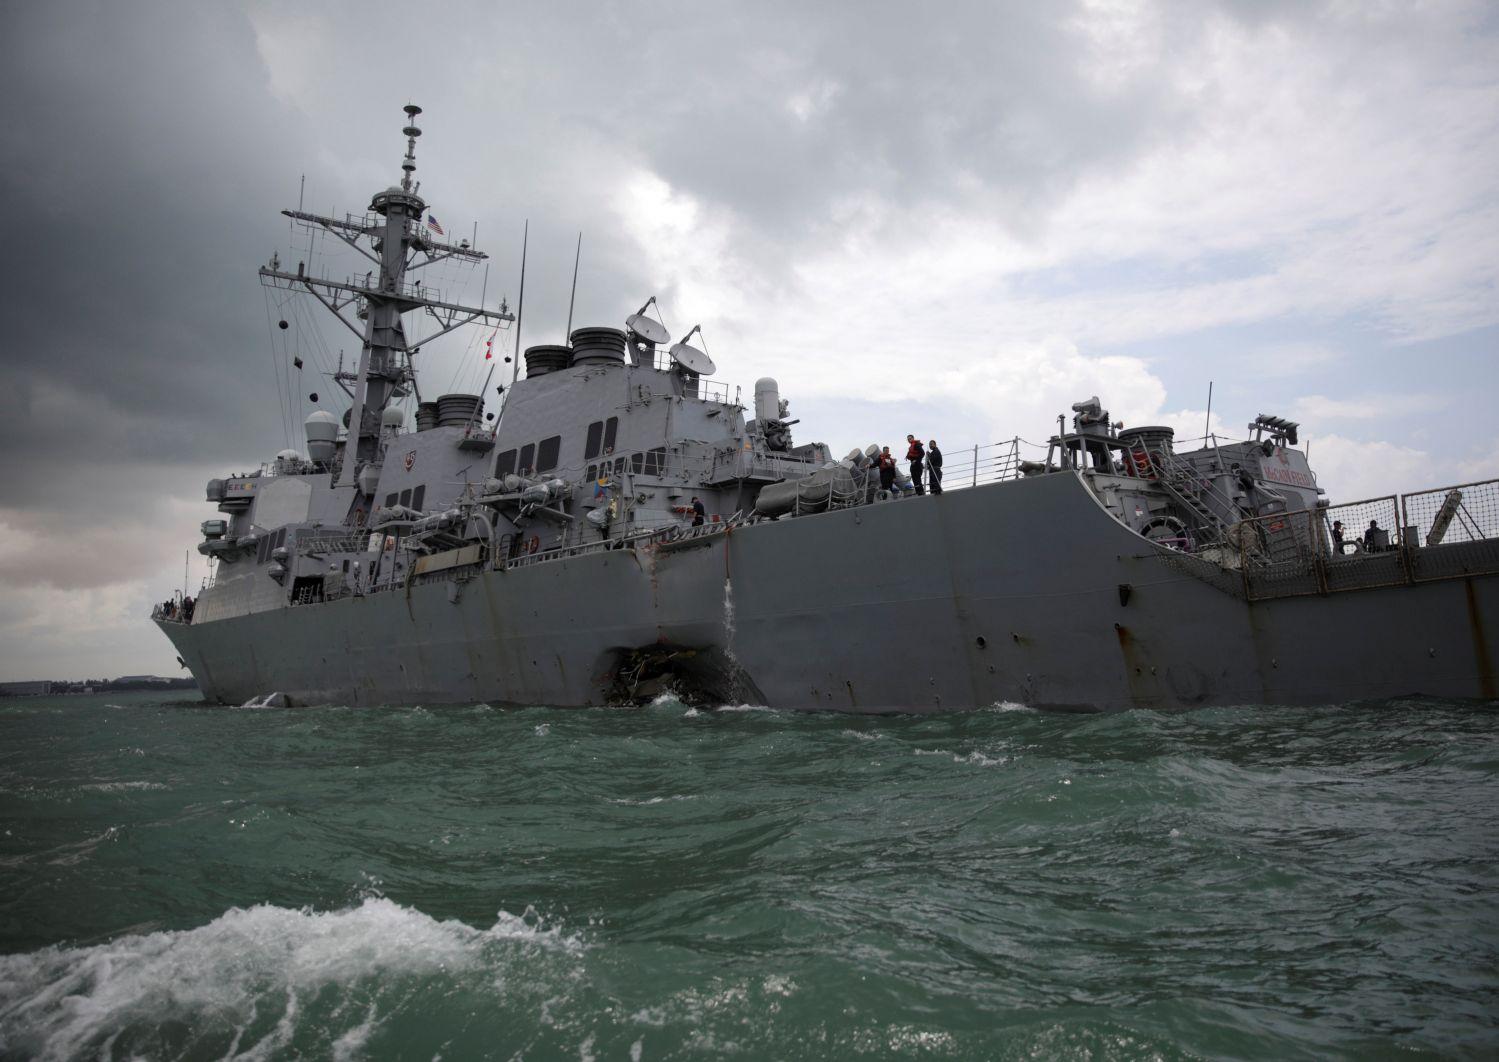 В США прокомментировали инцидент с вторжением эсминца в российские территориальные воды